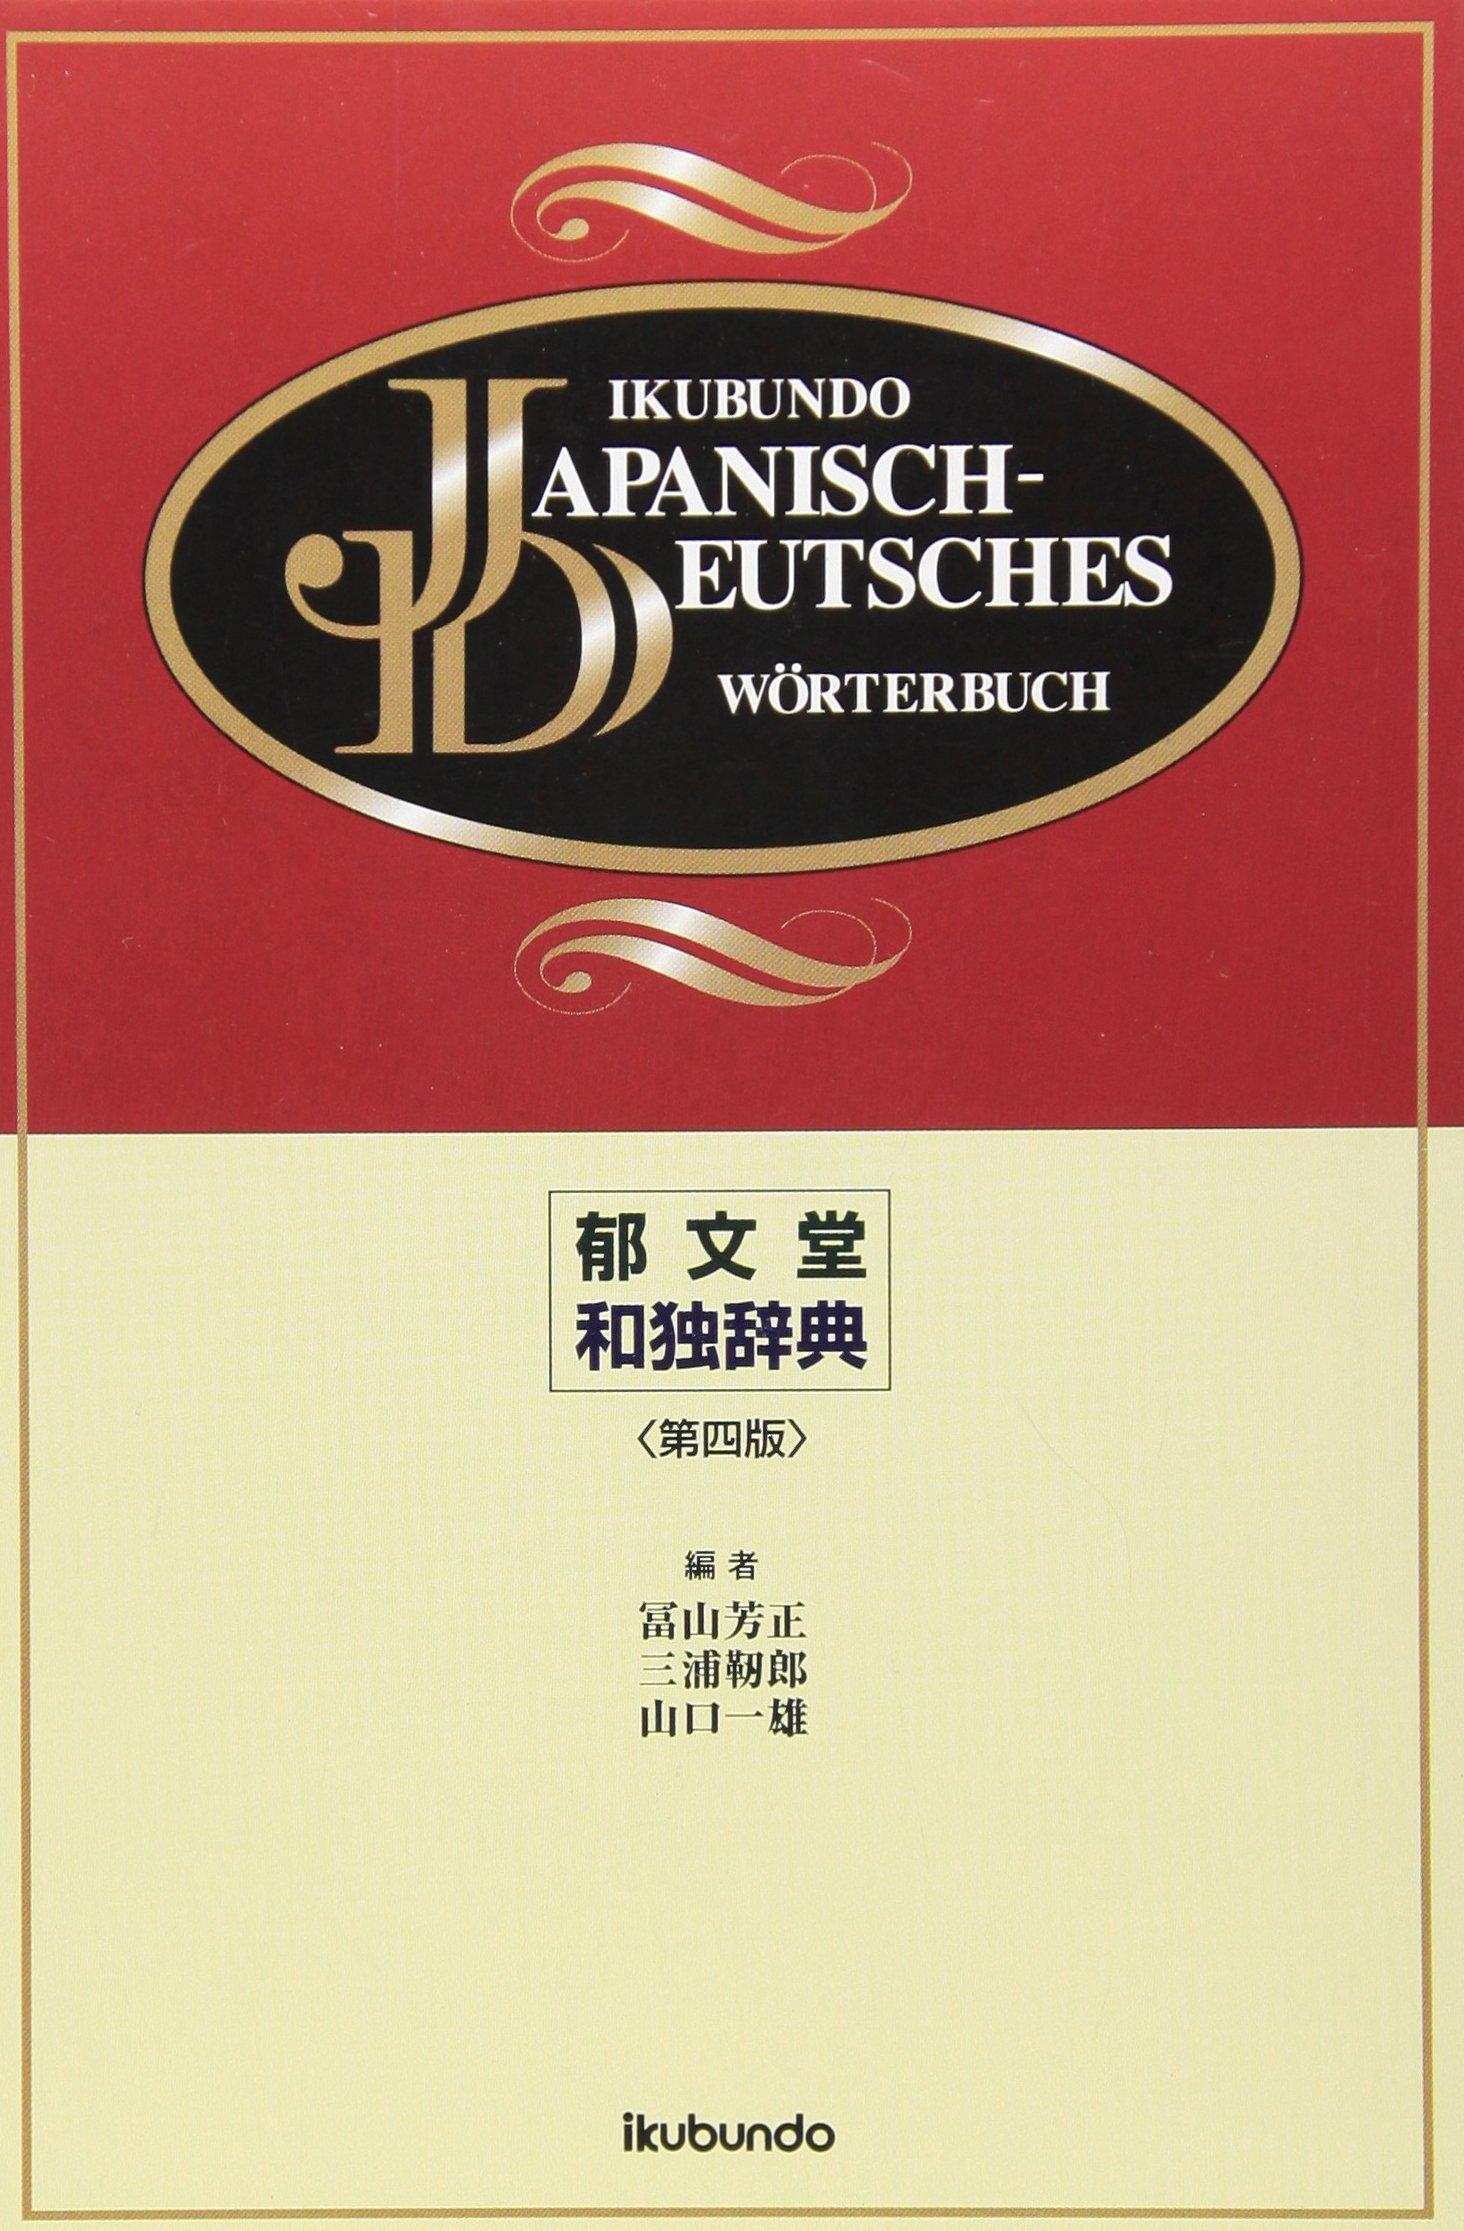 Ikubundo Japanisch - Deutsches Wörterbuch